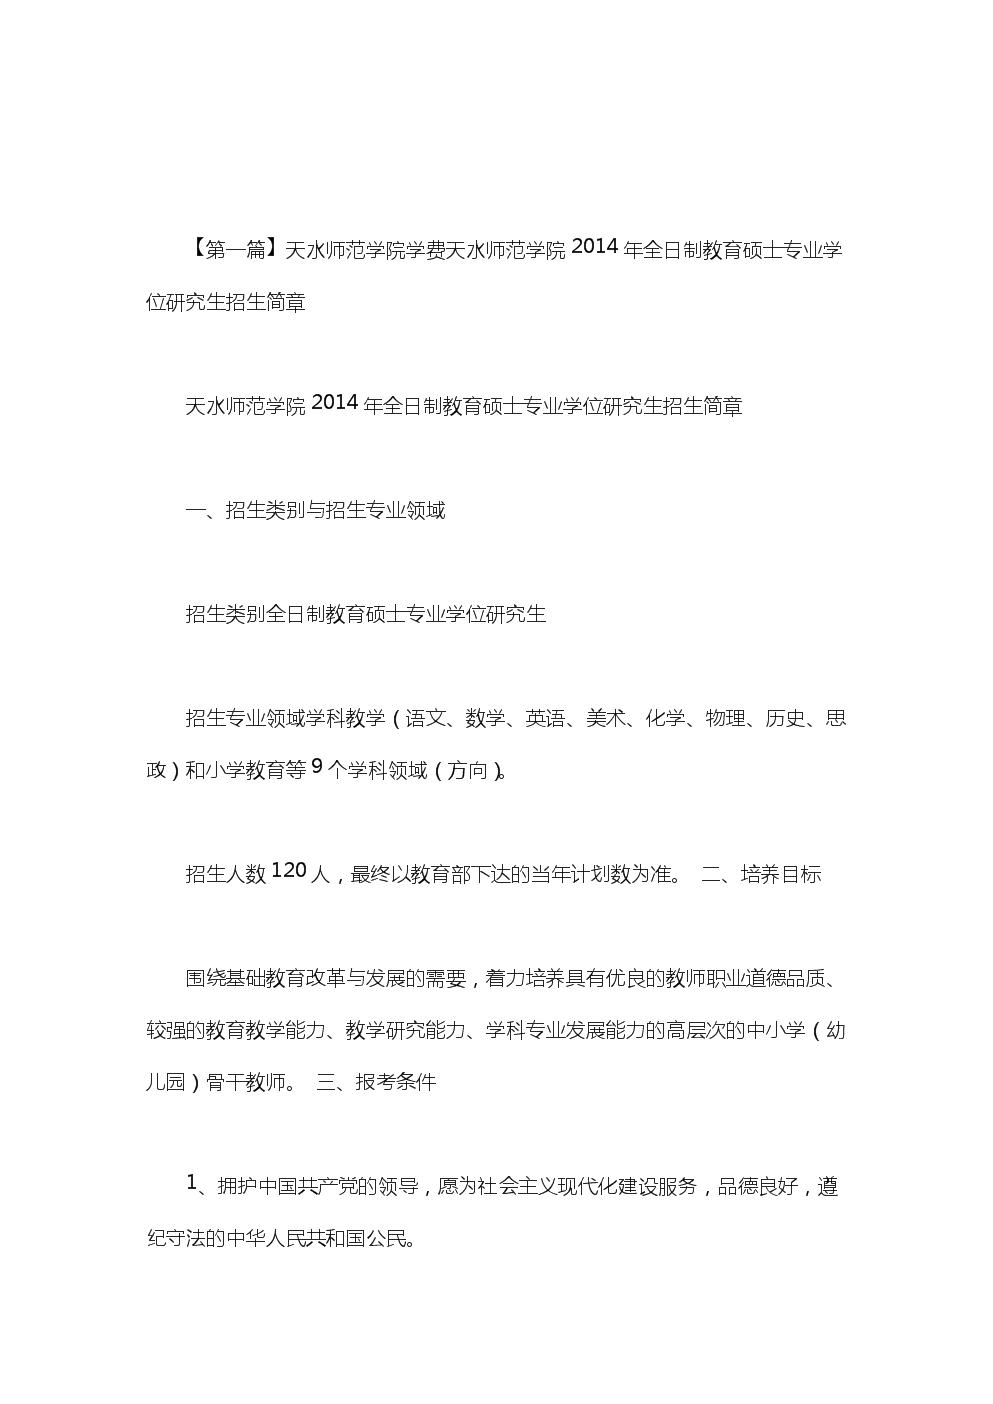 天水师范学院学费.doc